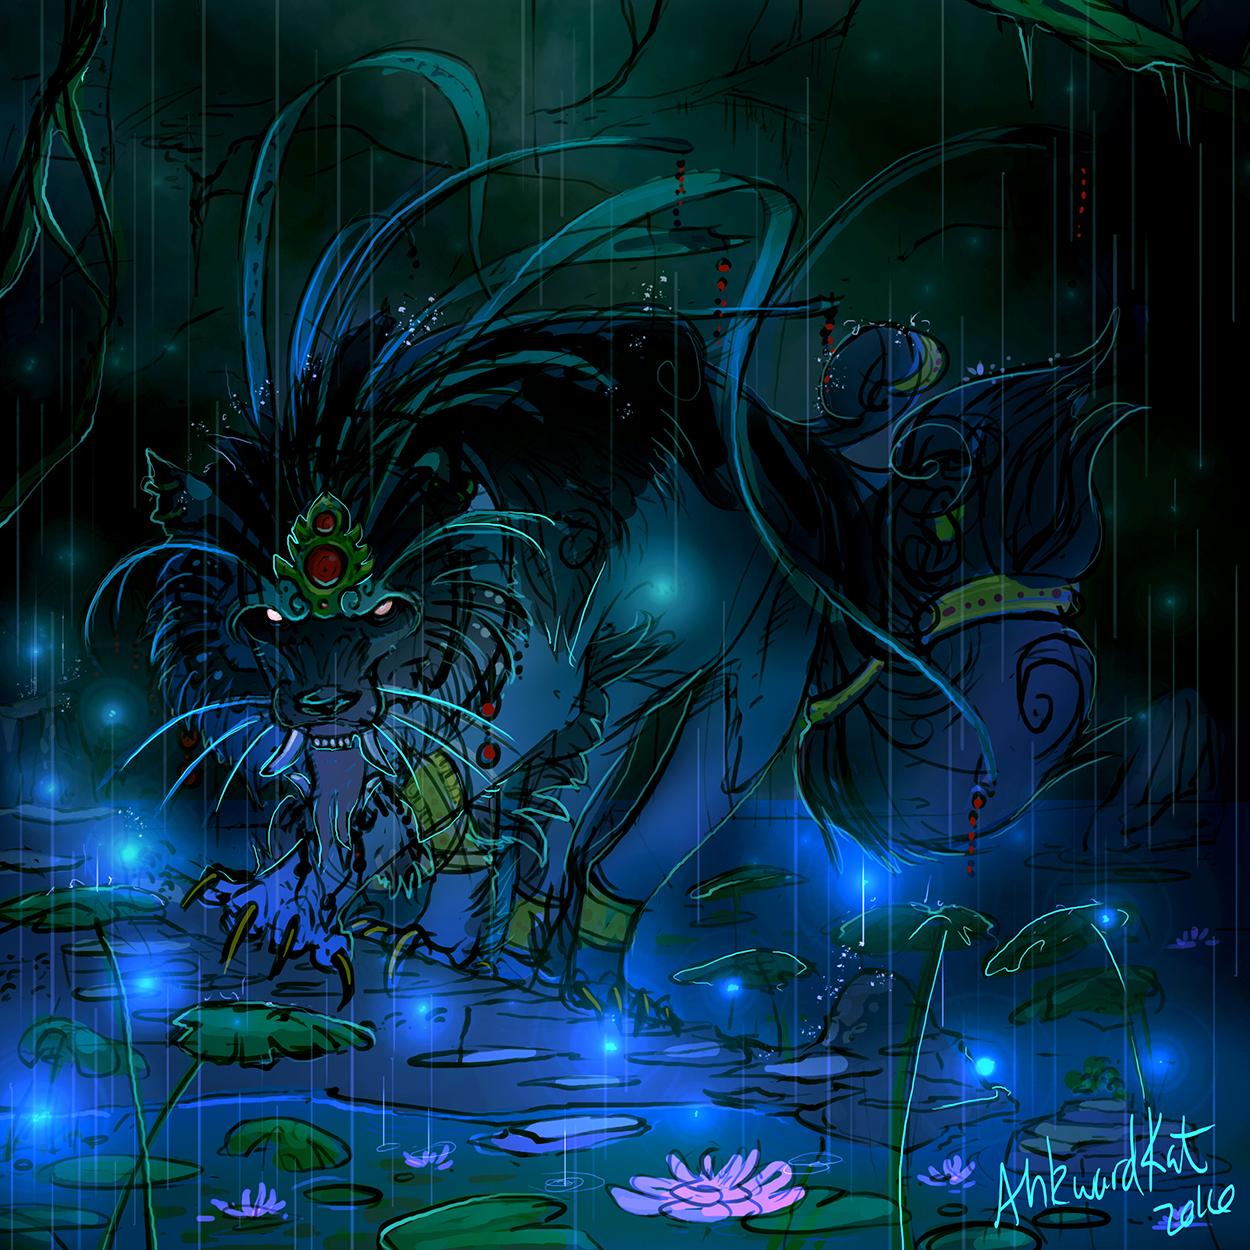 Rainy Fu by Ahkward